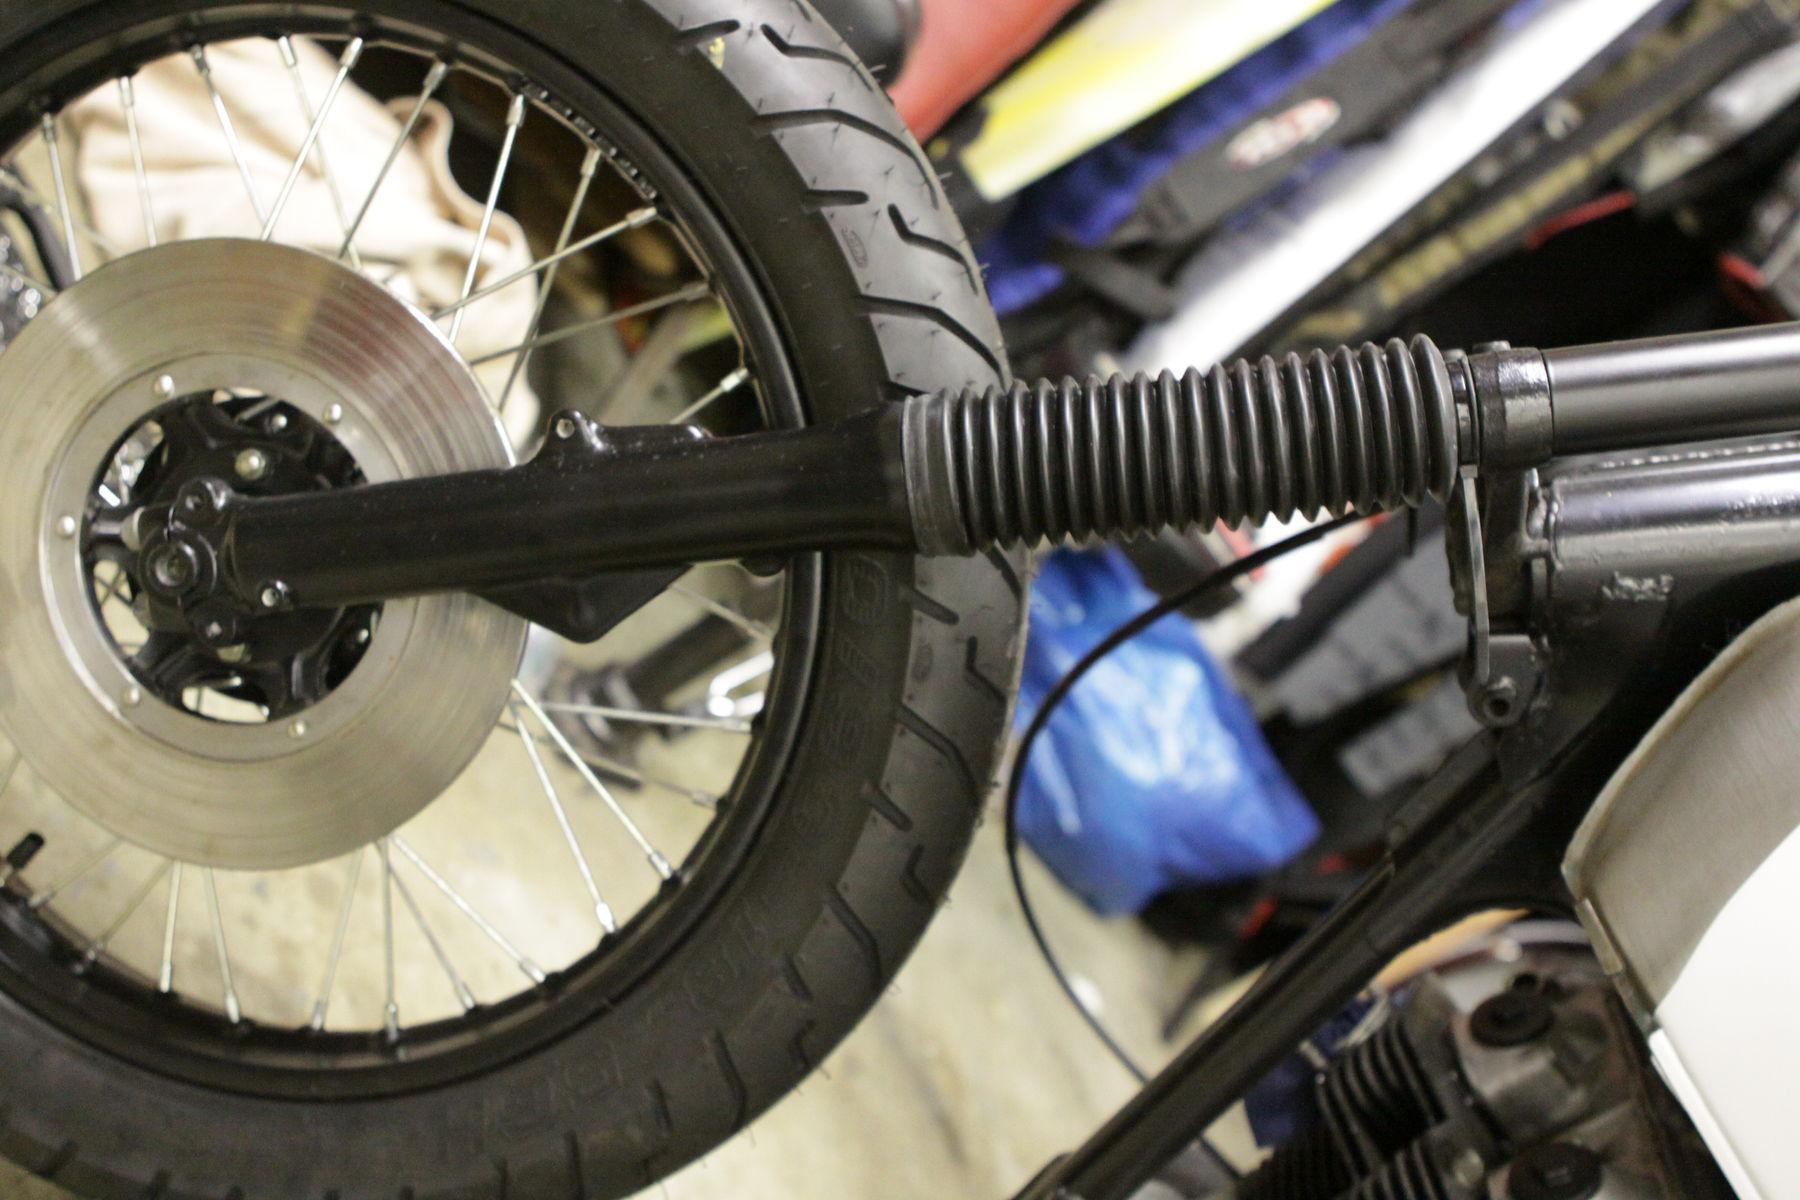 1973 Honda CB350G | Dialing in the Bullitt CB